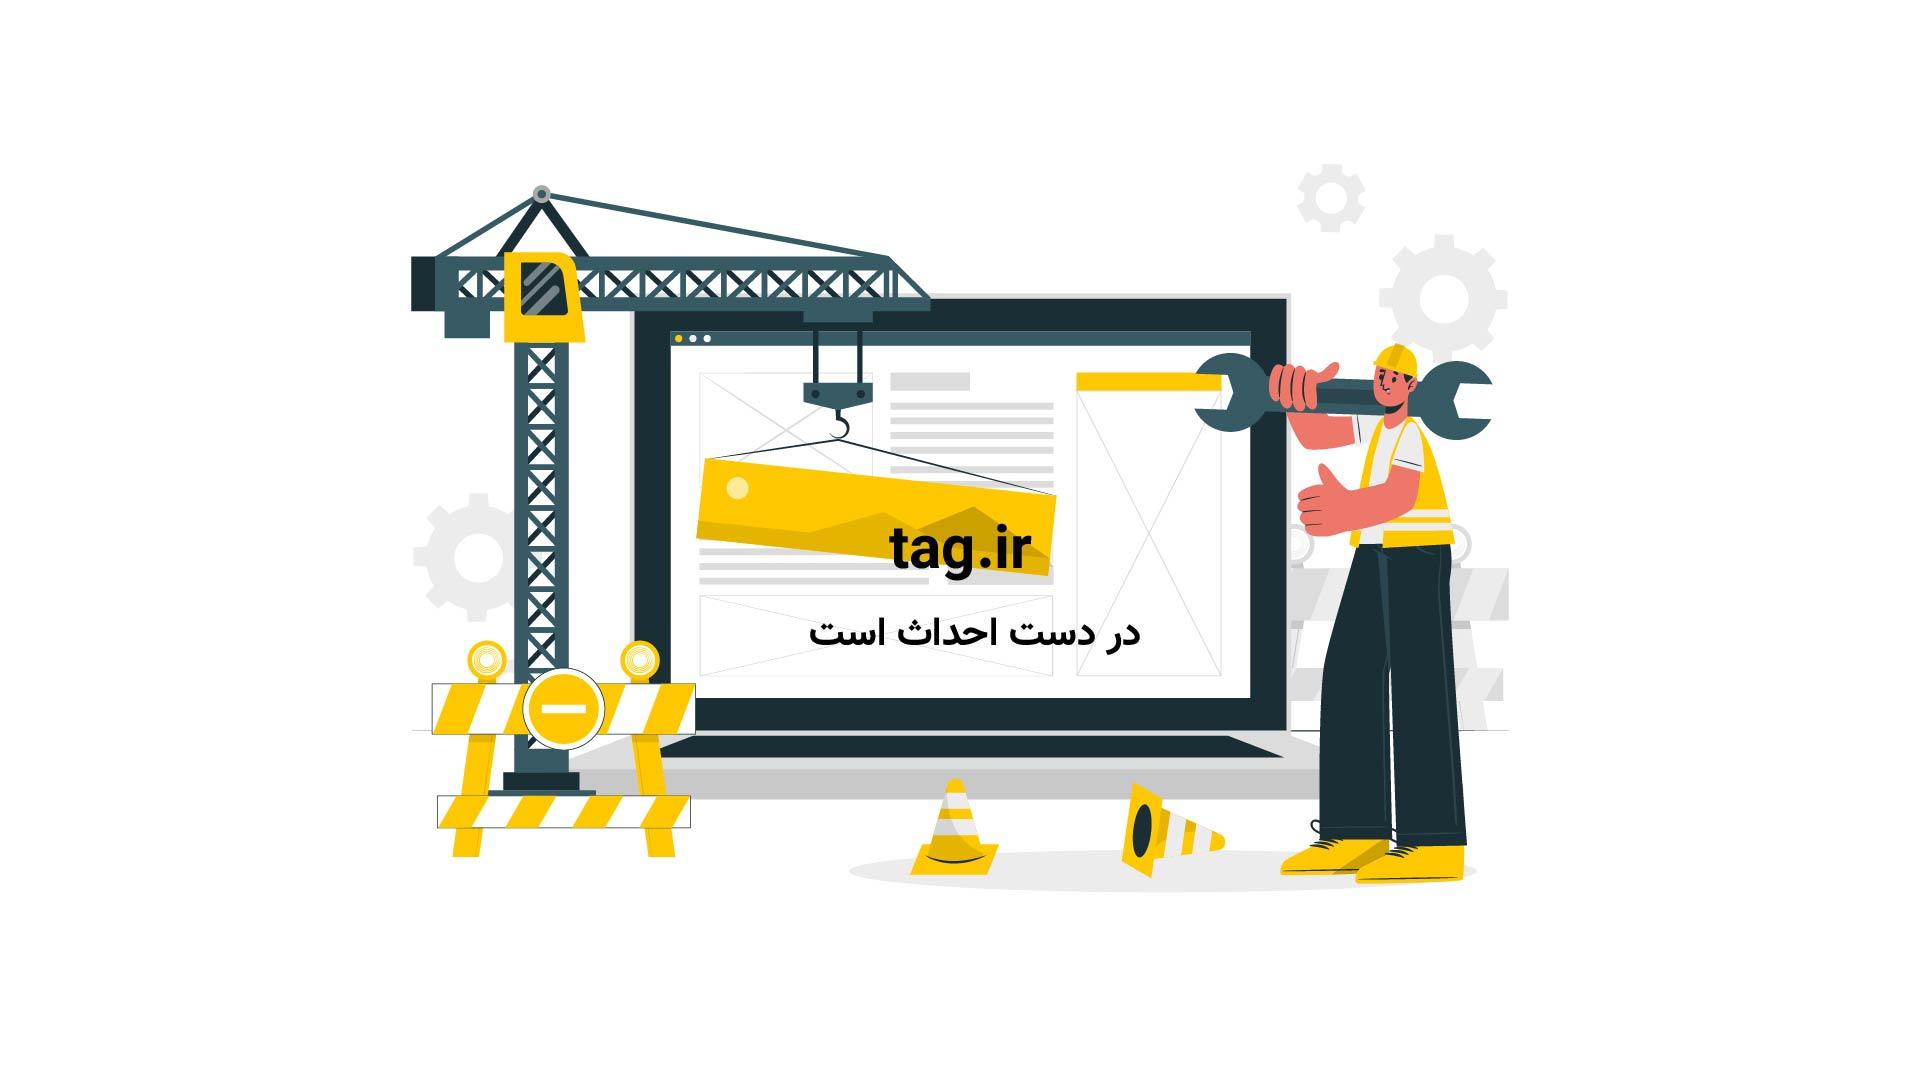 آموزش درست کردن چراغ خواب فانتزی با وسایل ساده | فیلم